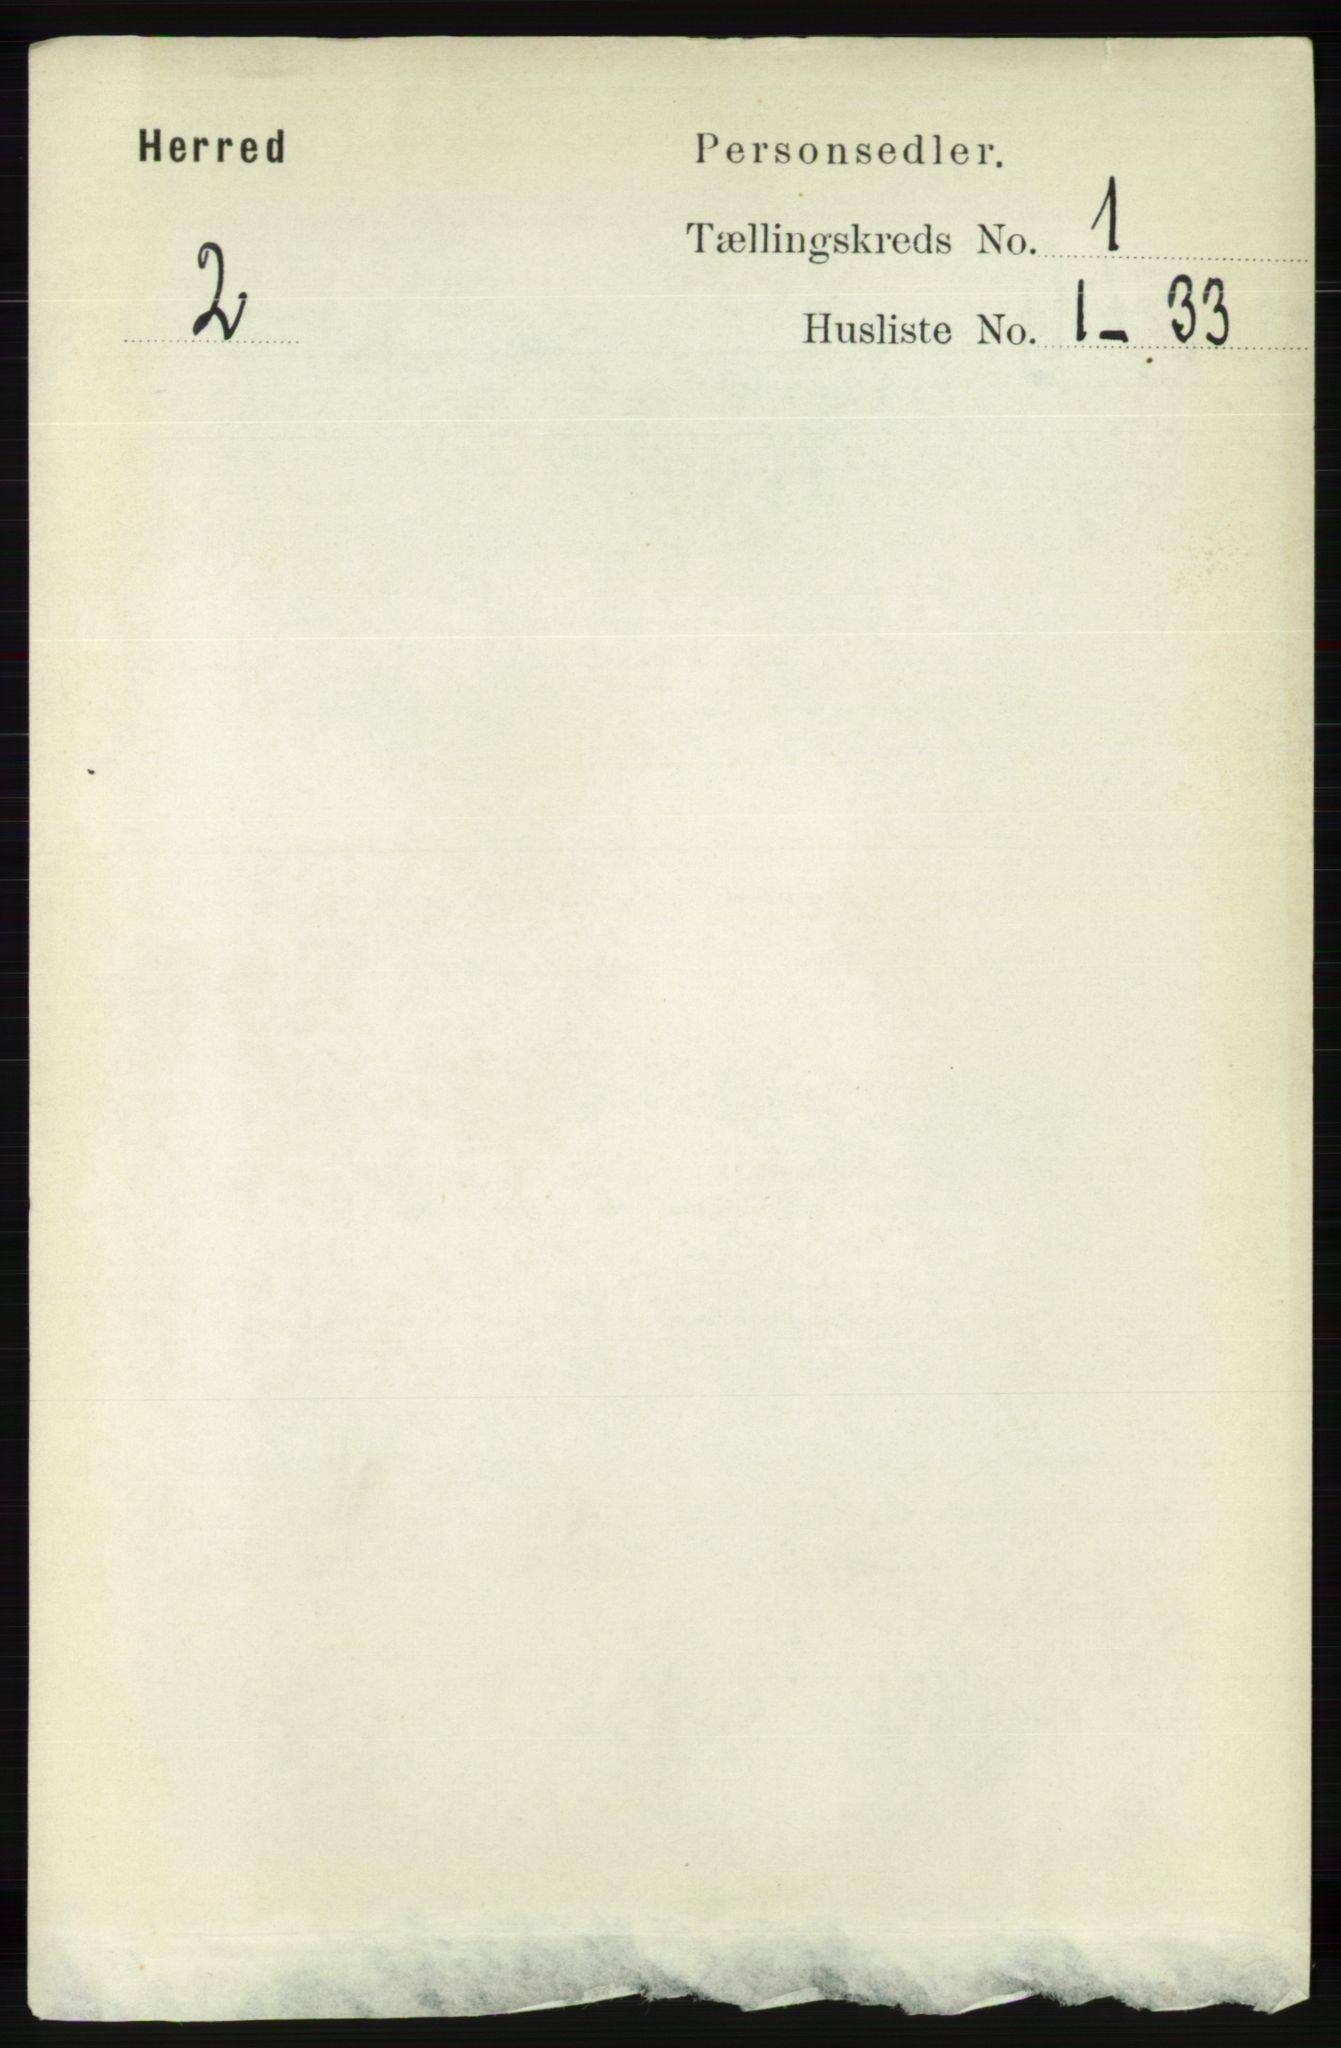 RA, Folketelling 1891 for 1039 Herad herred, 1891, s. 86